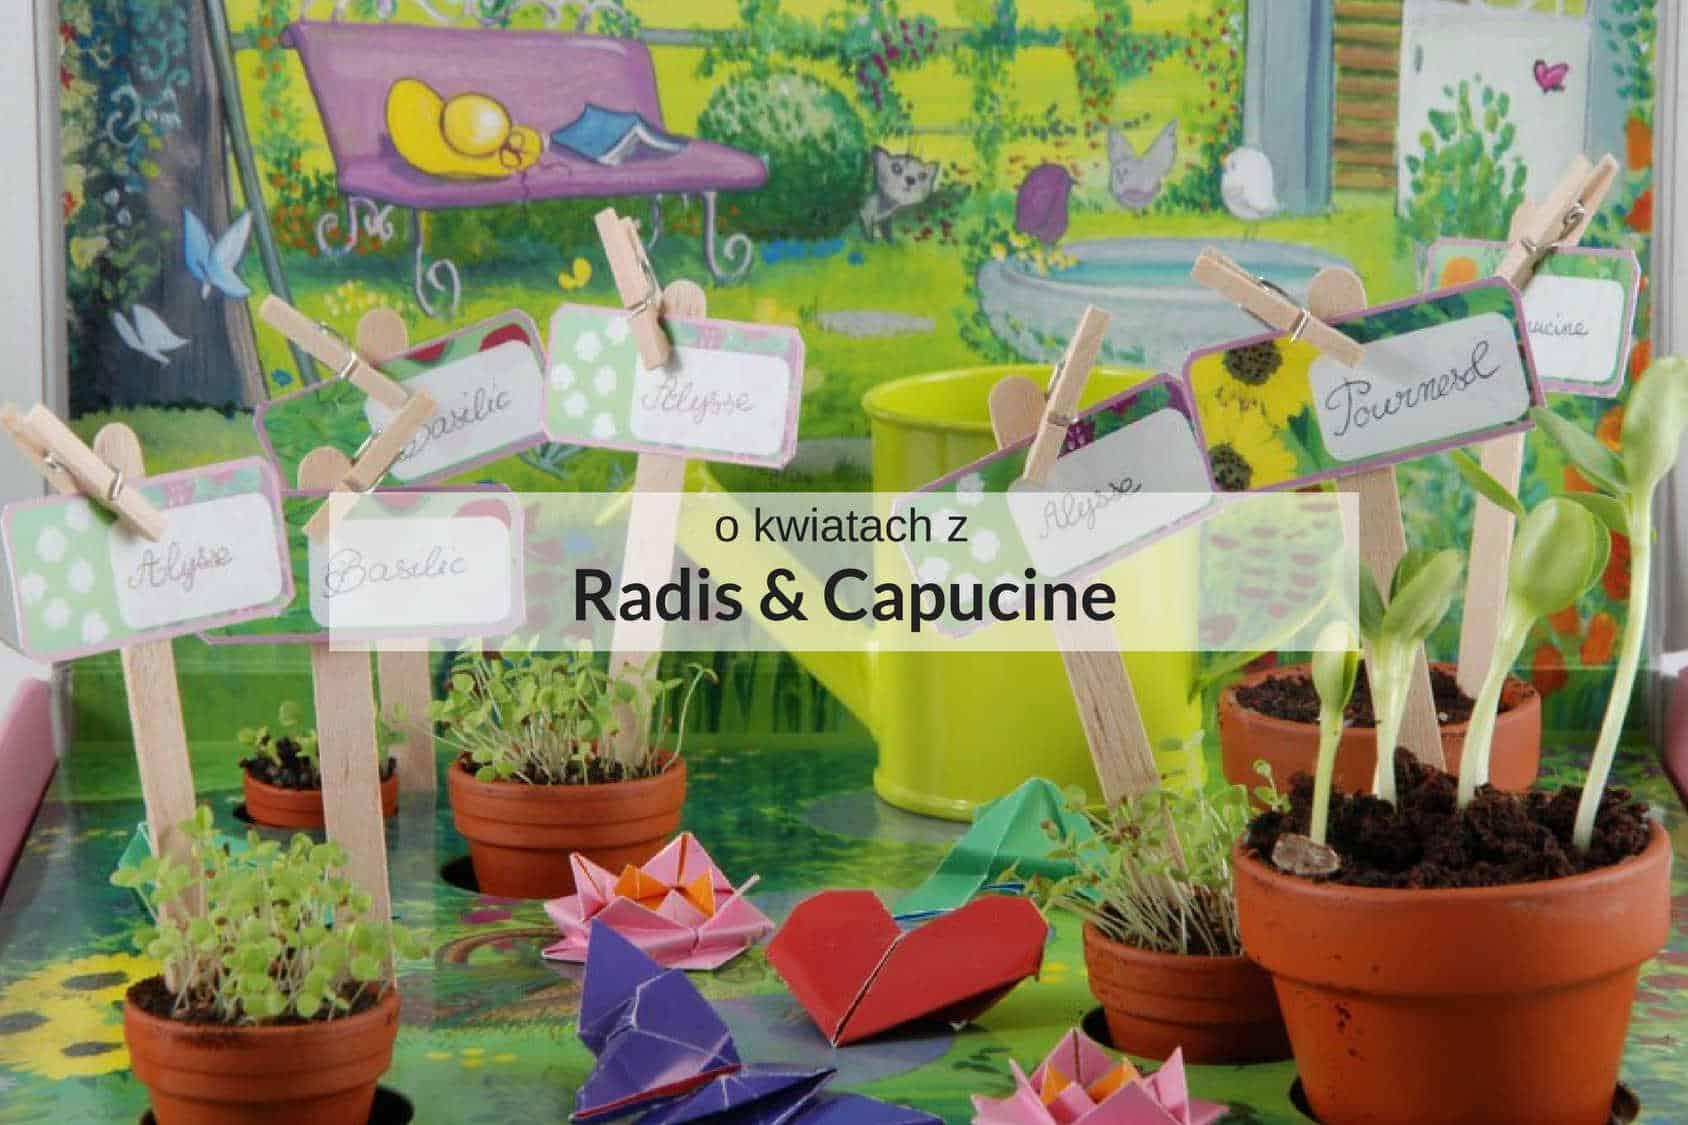 Zestaw Radis & Capucine do hodowania roślin dla dzieci